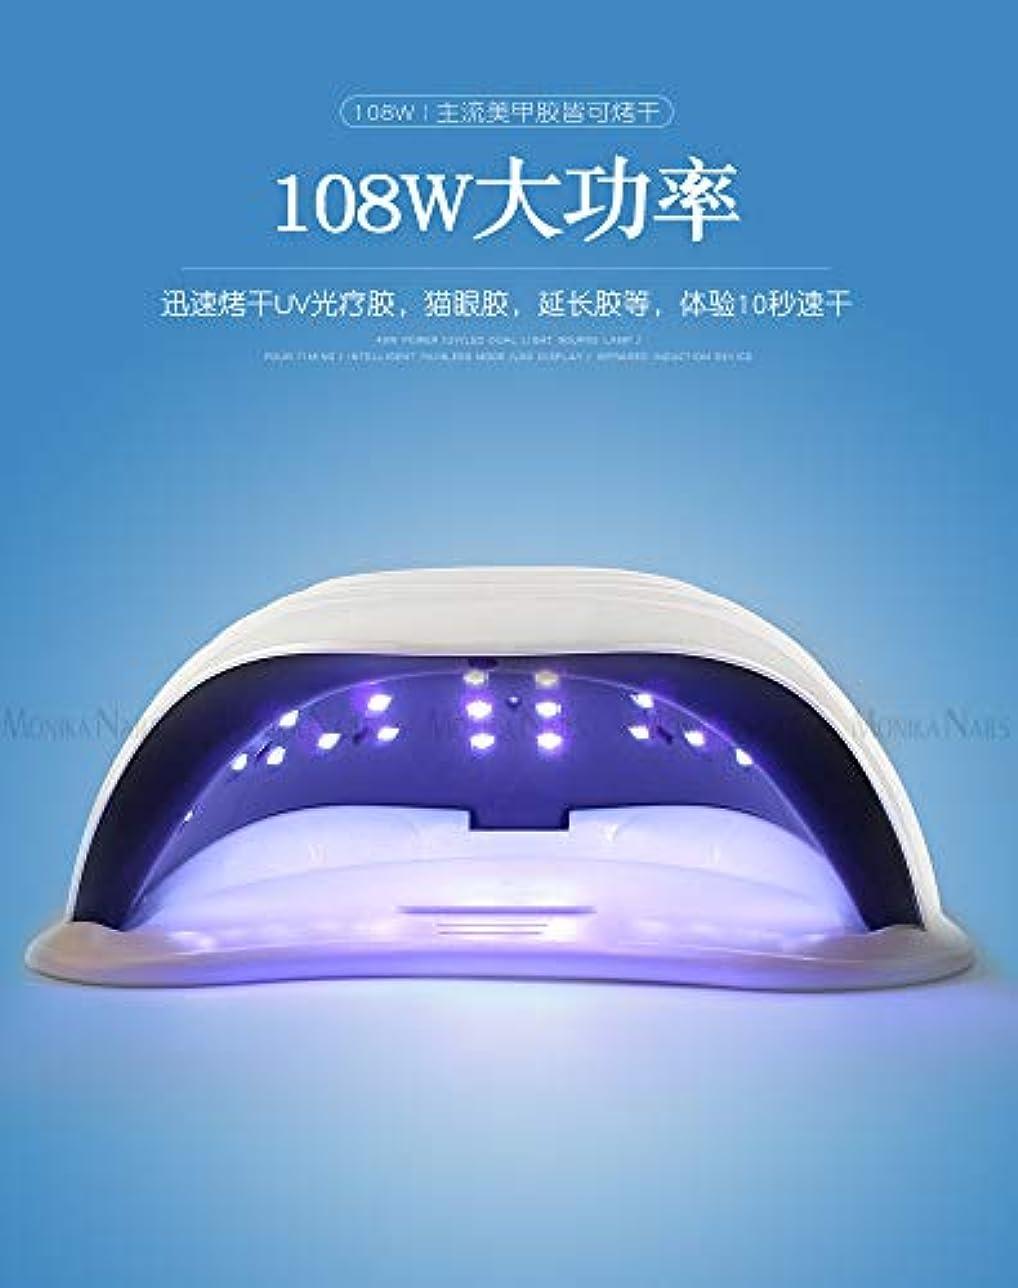 トロリーバス不健康議論するUV LEDネイルドライヤー 108W ハイパワー LEDネイルドライヤー LED硬化ライト 自動センサーRaintern 36LED 高速硬化 四つタイマー設定可能 硬化用 ライト 赤白ライト 肌 美白 ランプ  日本語説明書付...